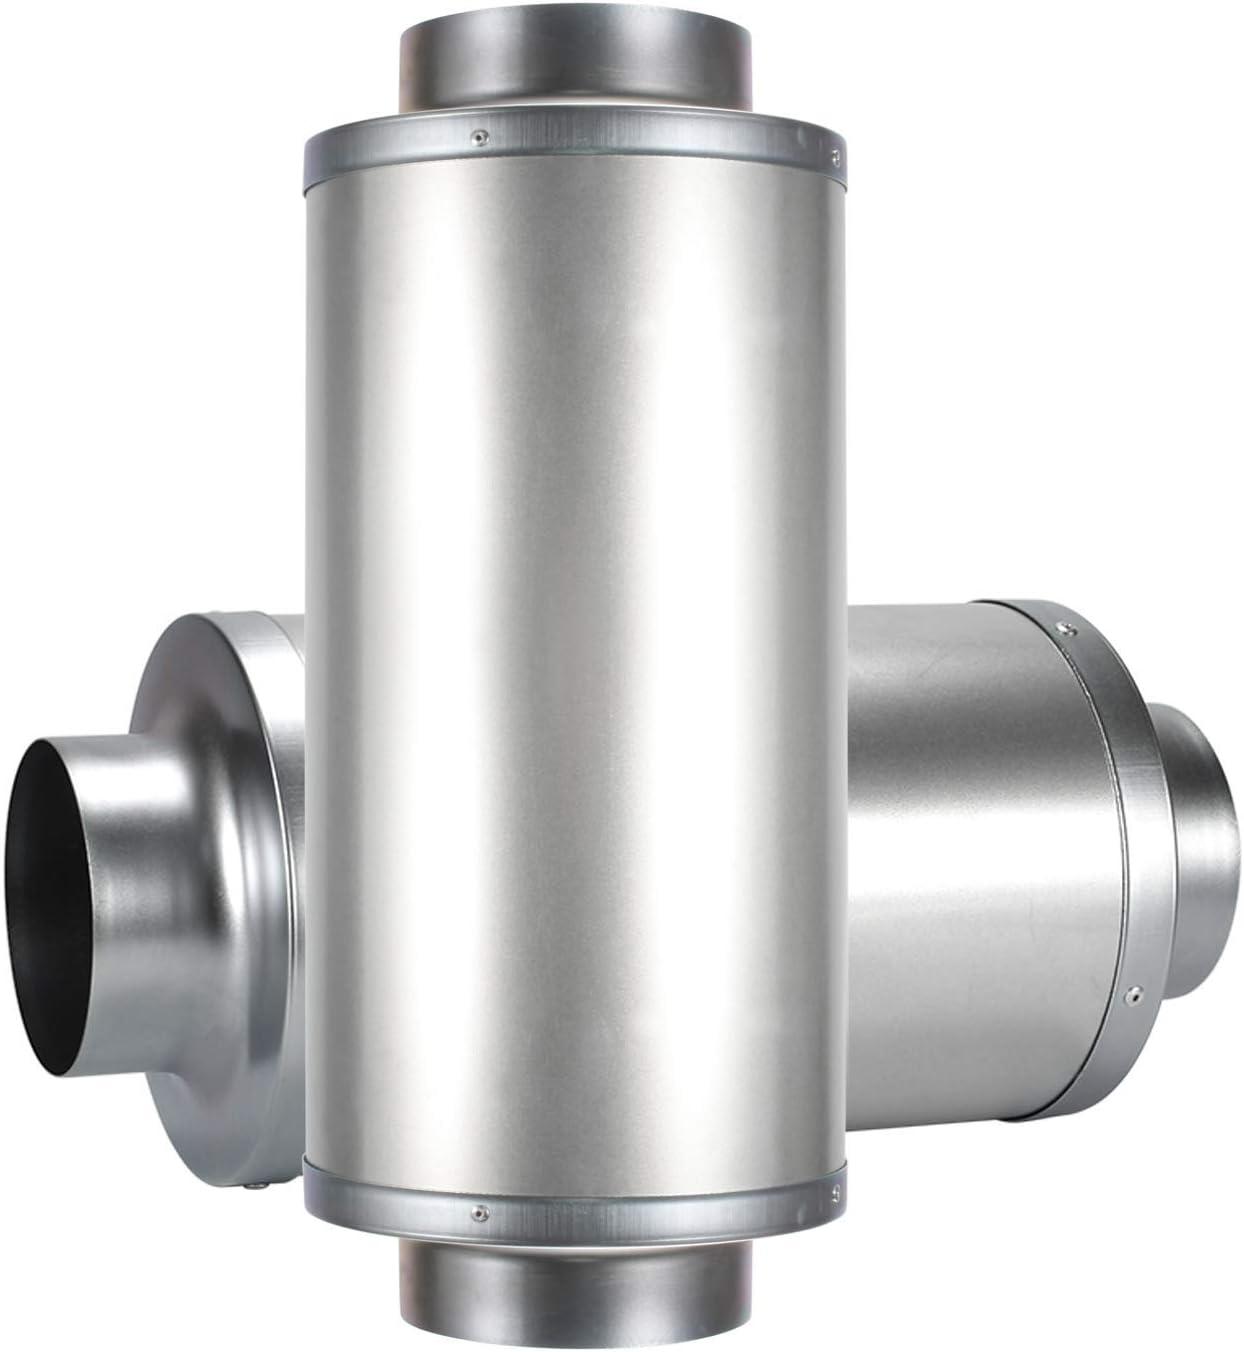 Schalld/ämpfer f/ür Abluftventilator Bel/üftungssystem Hon/&Guan Rohrschalld/ämpfer 100mm